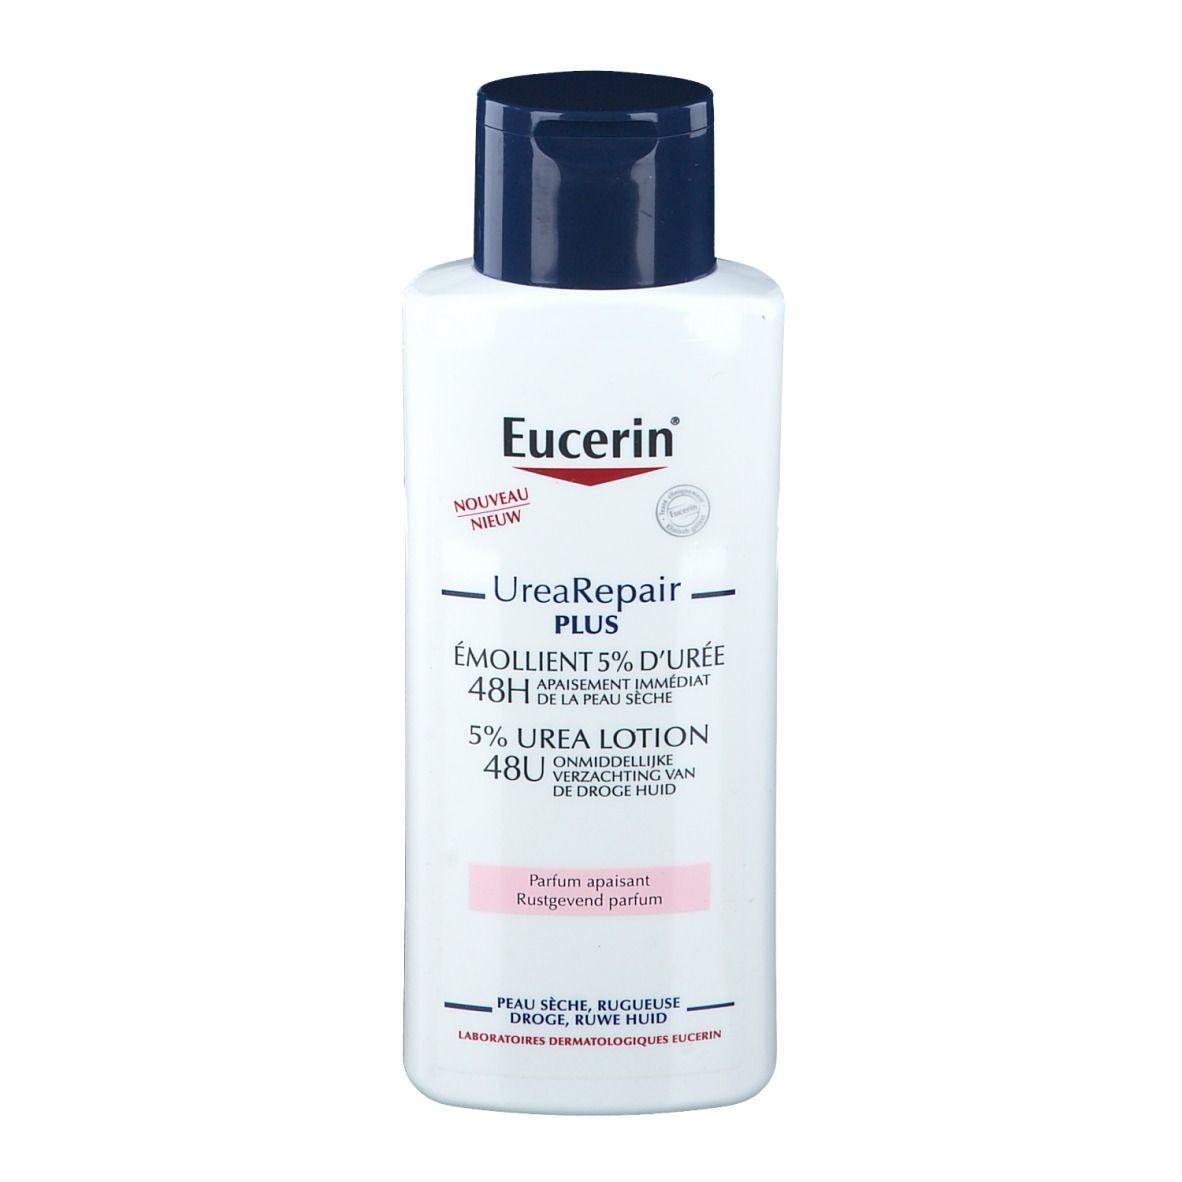 Image of Eucerin® UreaRepair PLUS 5% UREA